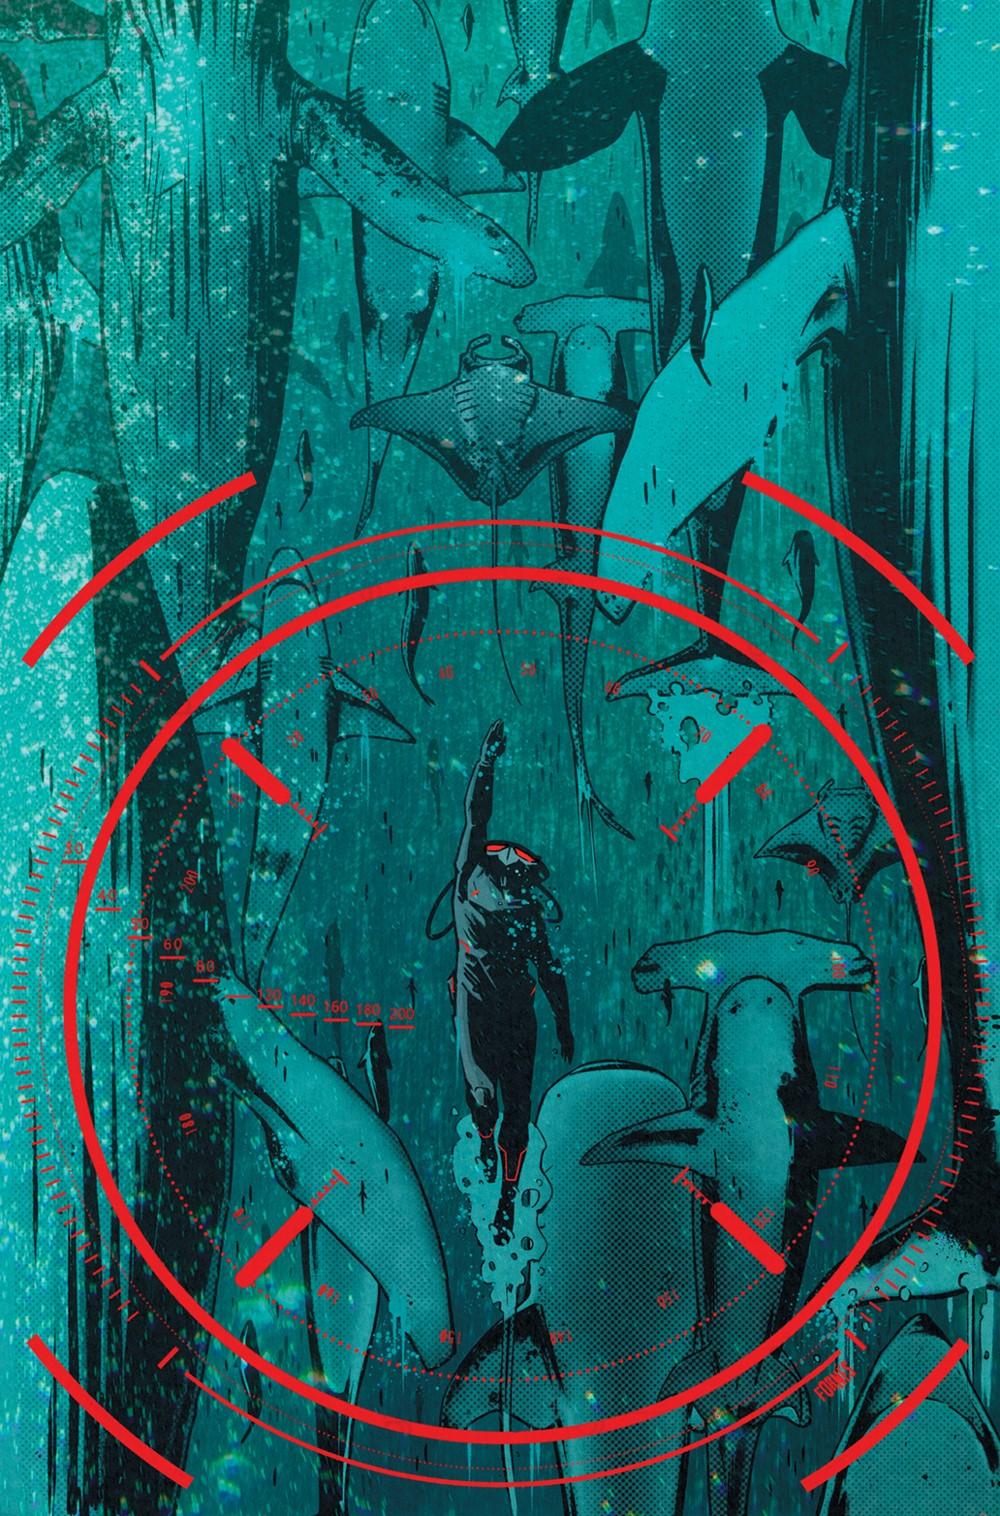 BlackManta_Cv4 DC Comics December 2021 Solicitations